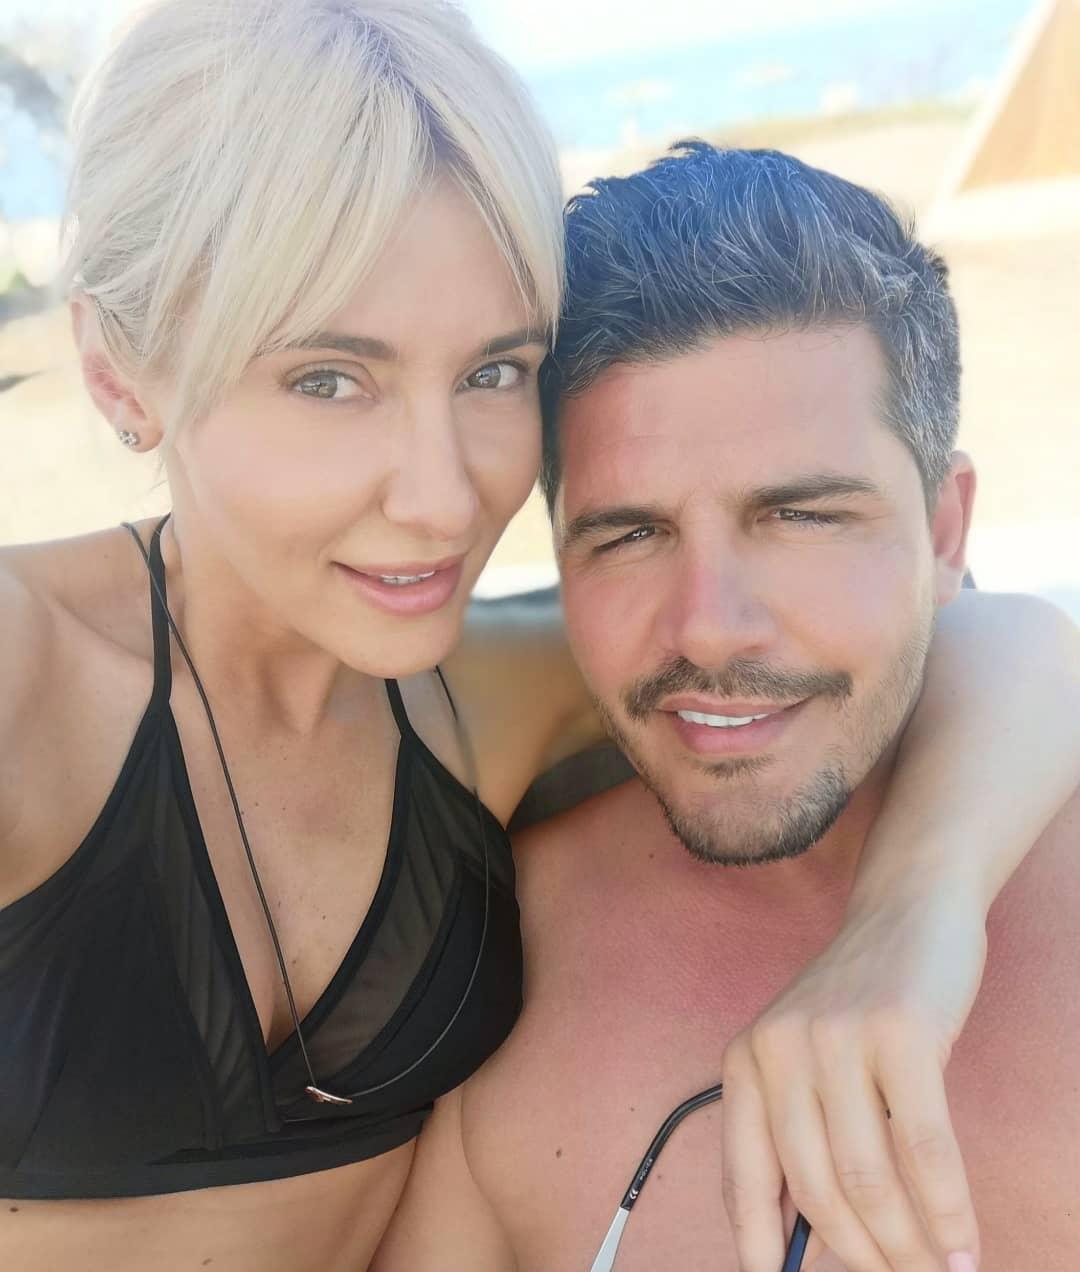 Μαρία Φραγκάκη - Νίκος Μάρκογλου: Παντρεύονται σήμερα στην Πάρο - Όλες οι λεπτομέρειες του γάμου τους!